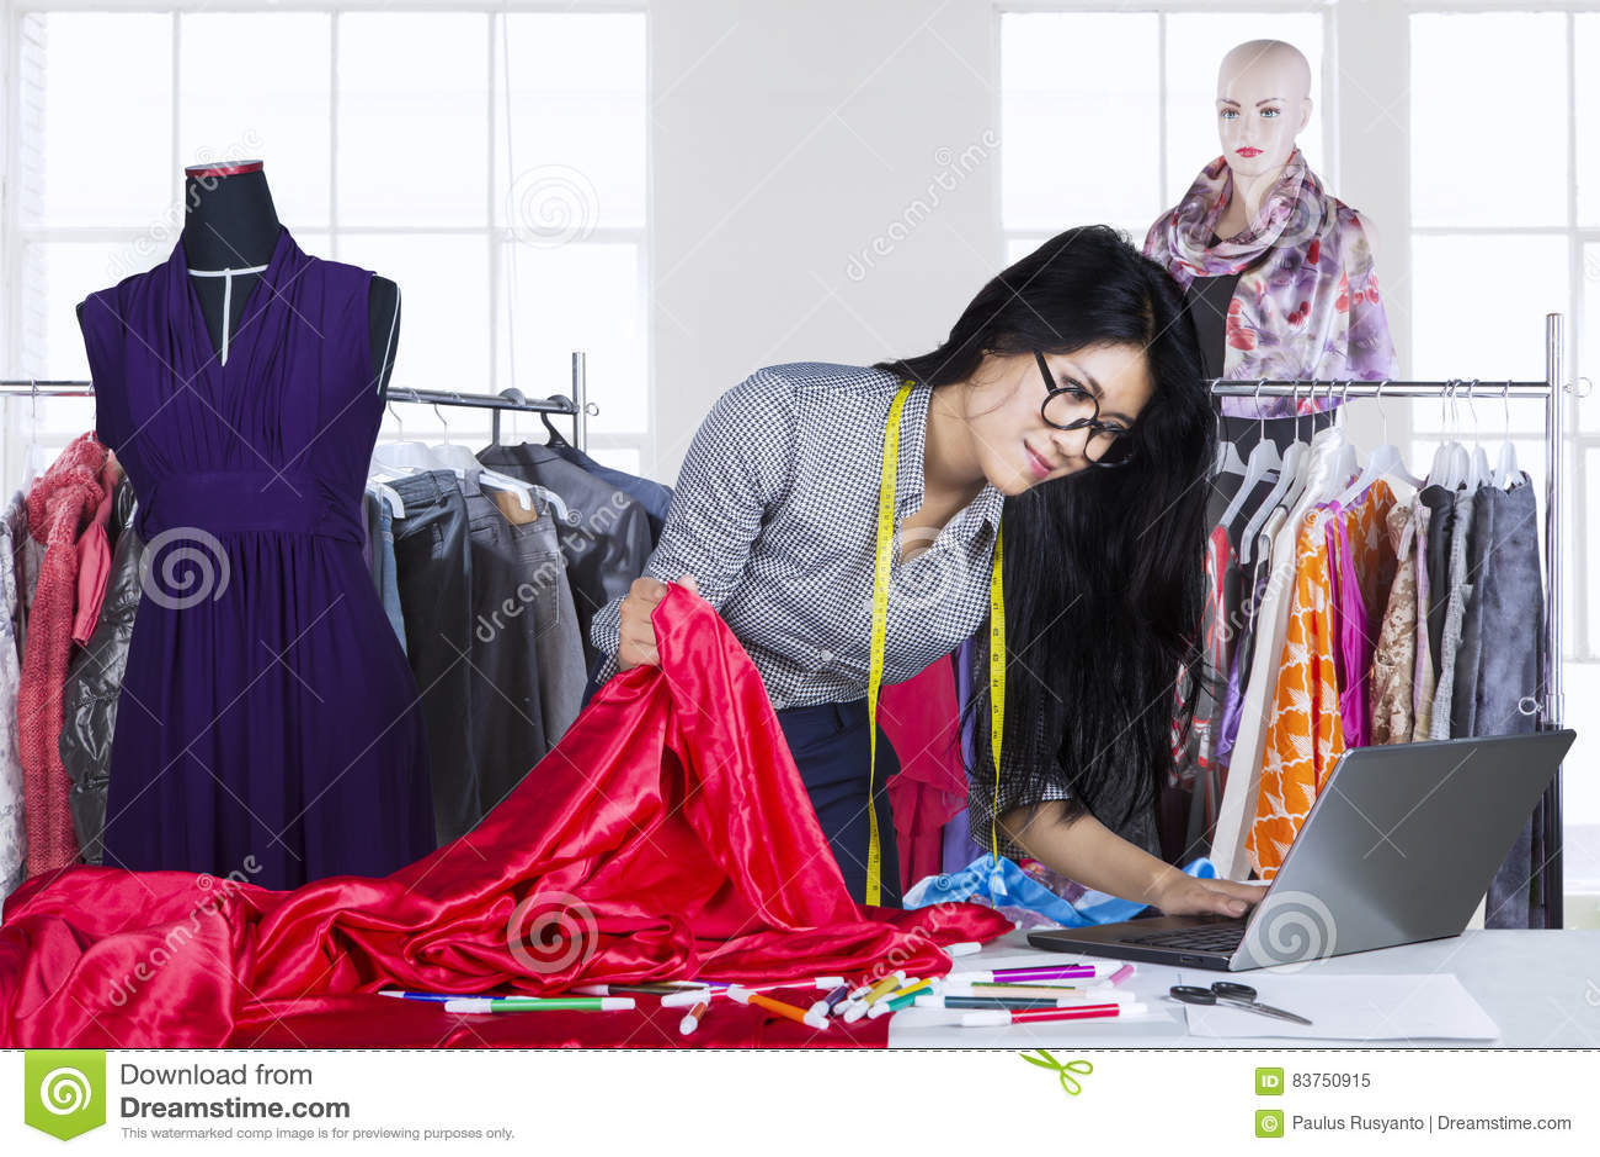 Asian fashion designer working on laptop